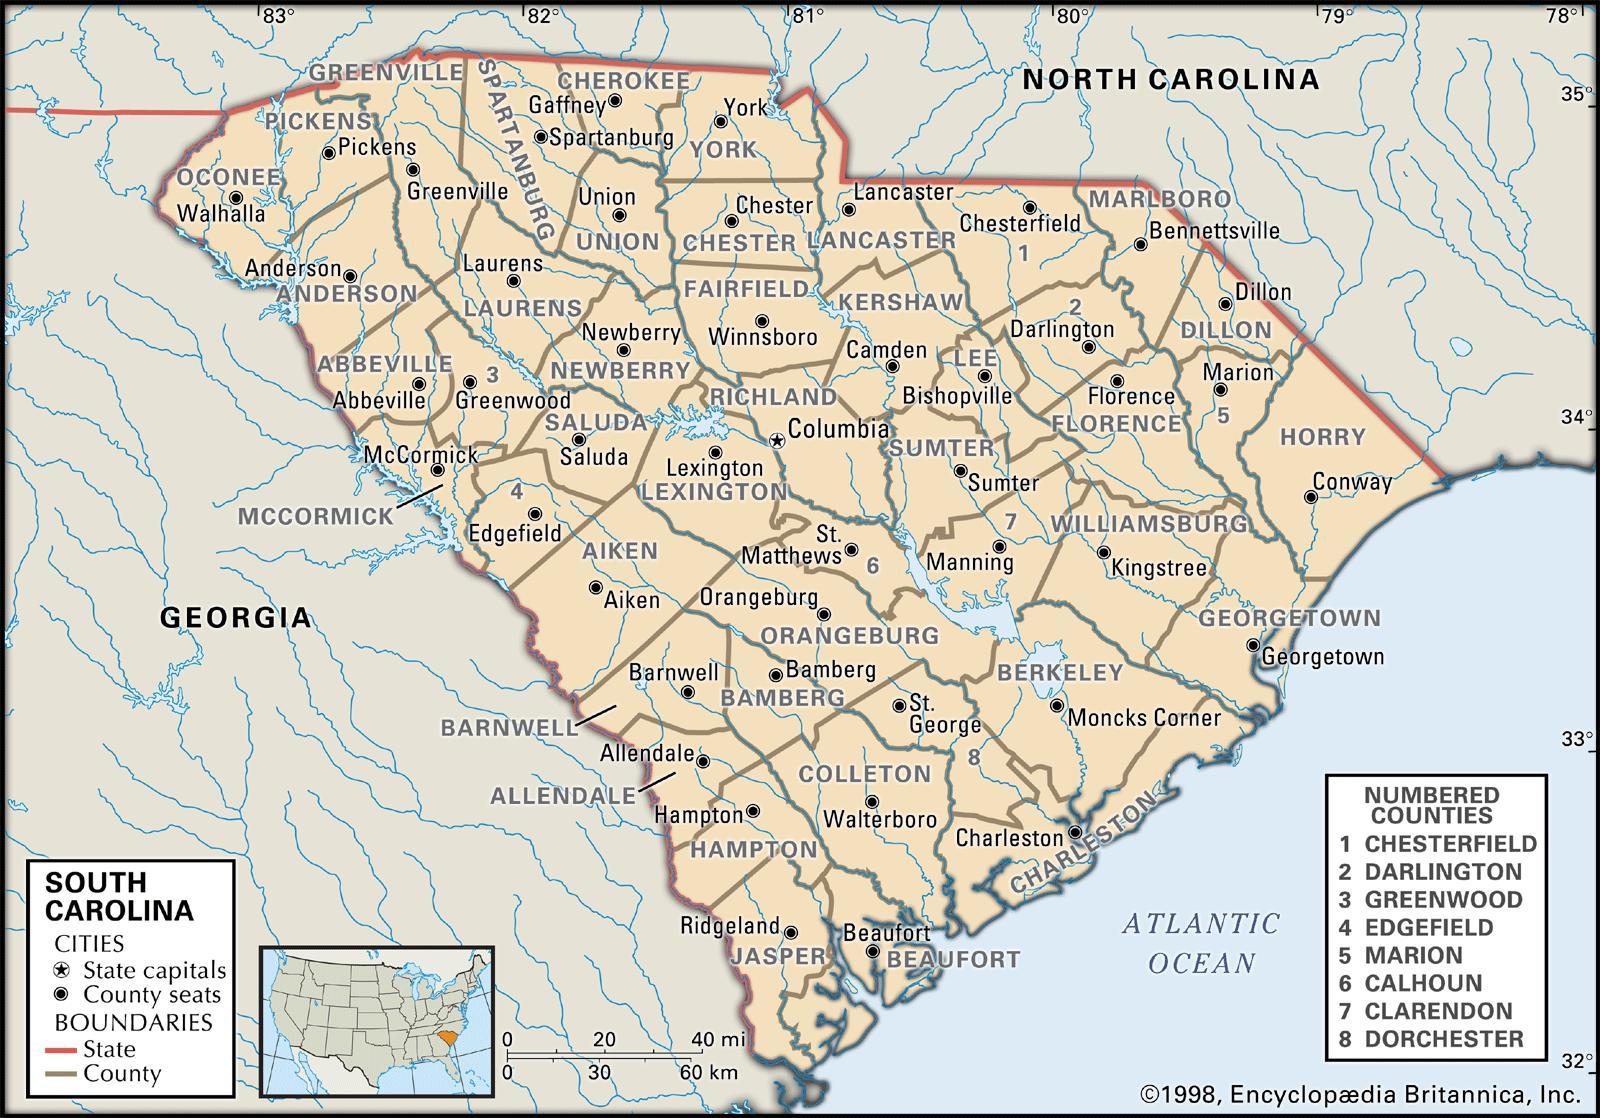 South Carolina Innovation Challenge Doles Out 2 6 Million